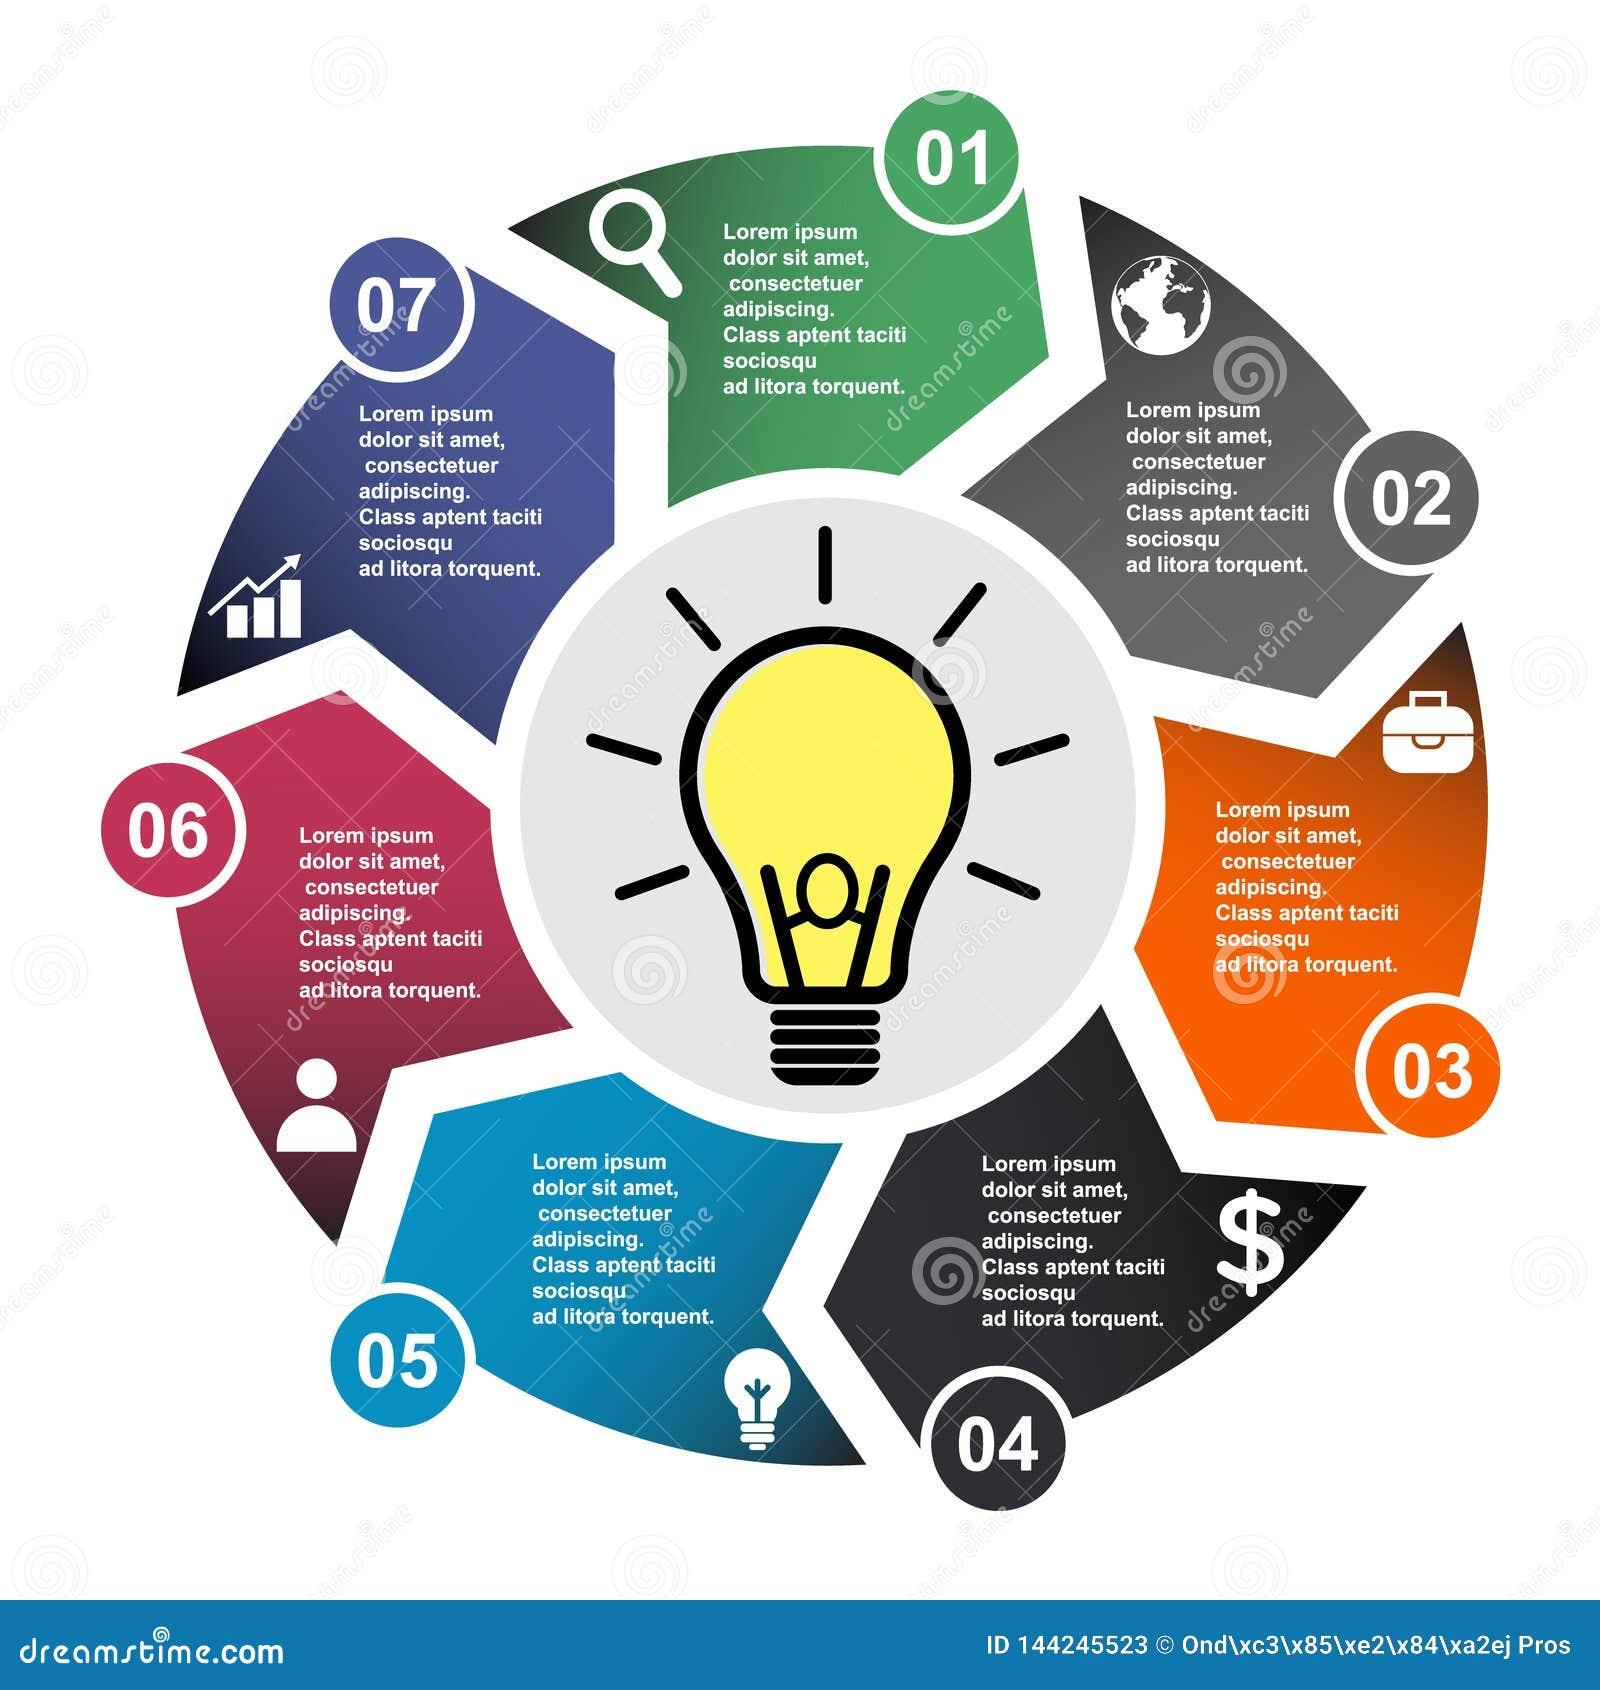 Elemento em sete cores com etiquetas, diagrama infographic do vetor de 7 etapas Conceito do negócio de 7 etapas ou opções com amp